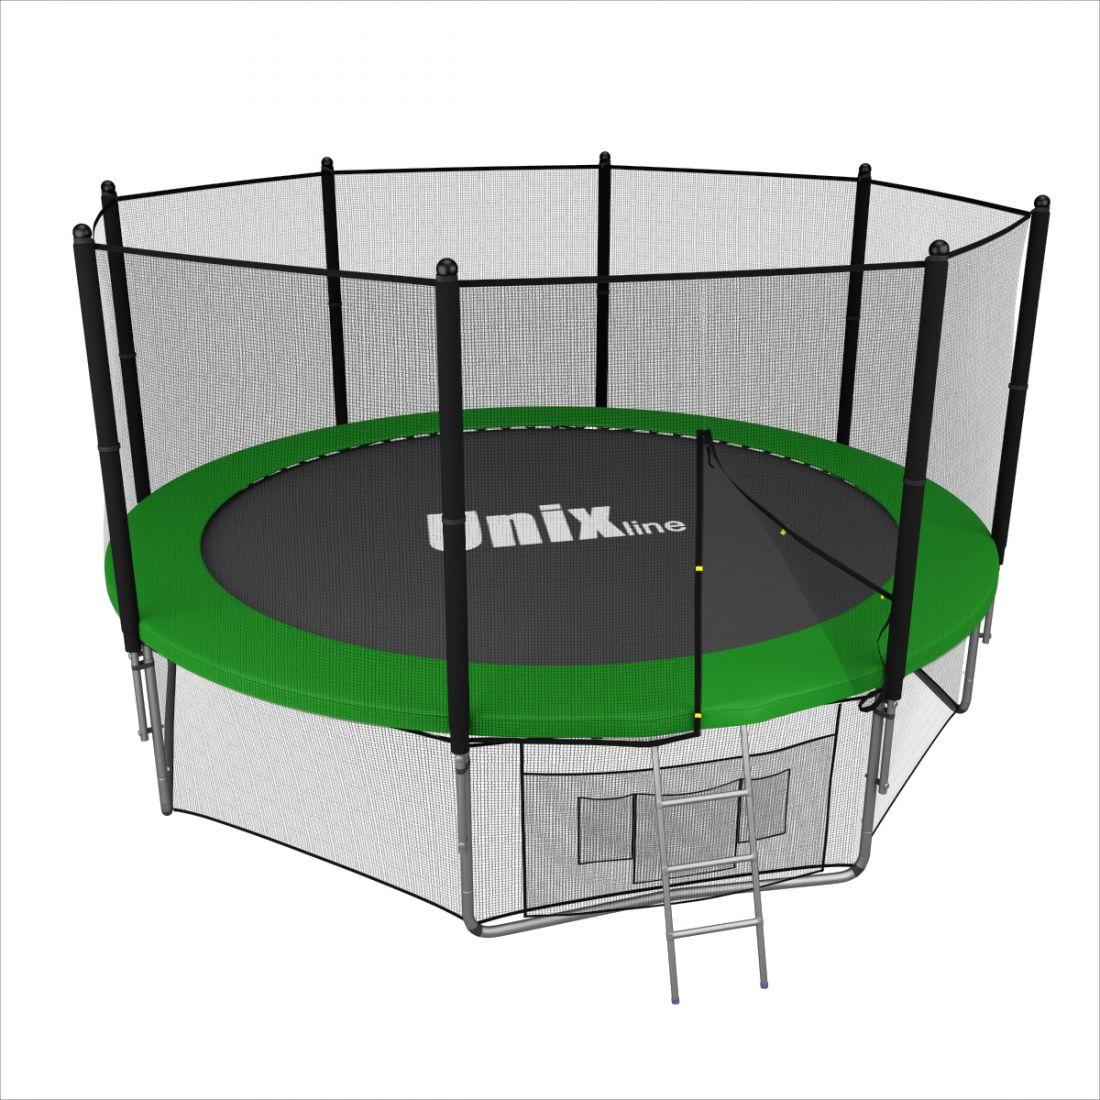 Батут с внешней защитной сеткой - Unix Line 10FT (3,05м), цвет зеленый